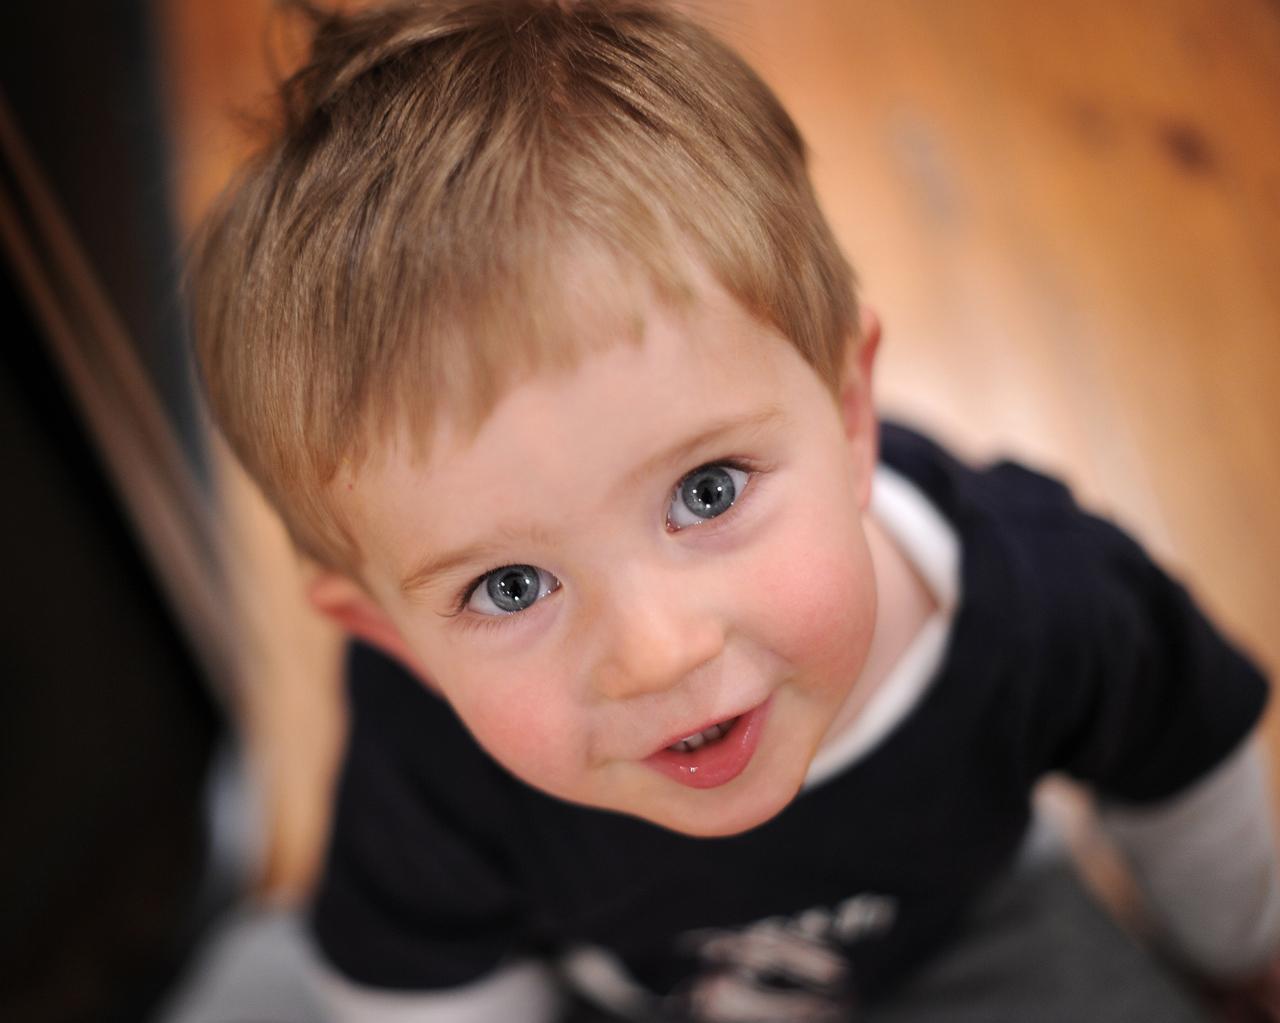 Cute boy hd wallpaper - Cute Little Baby Boy In Surprise Hd Wallpaper Cute Little Babies